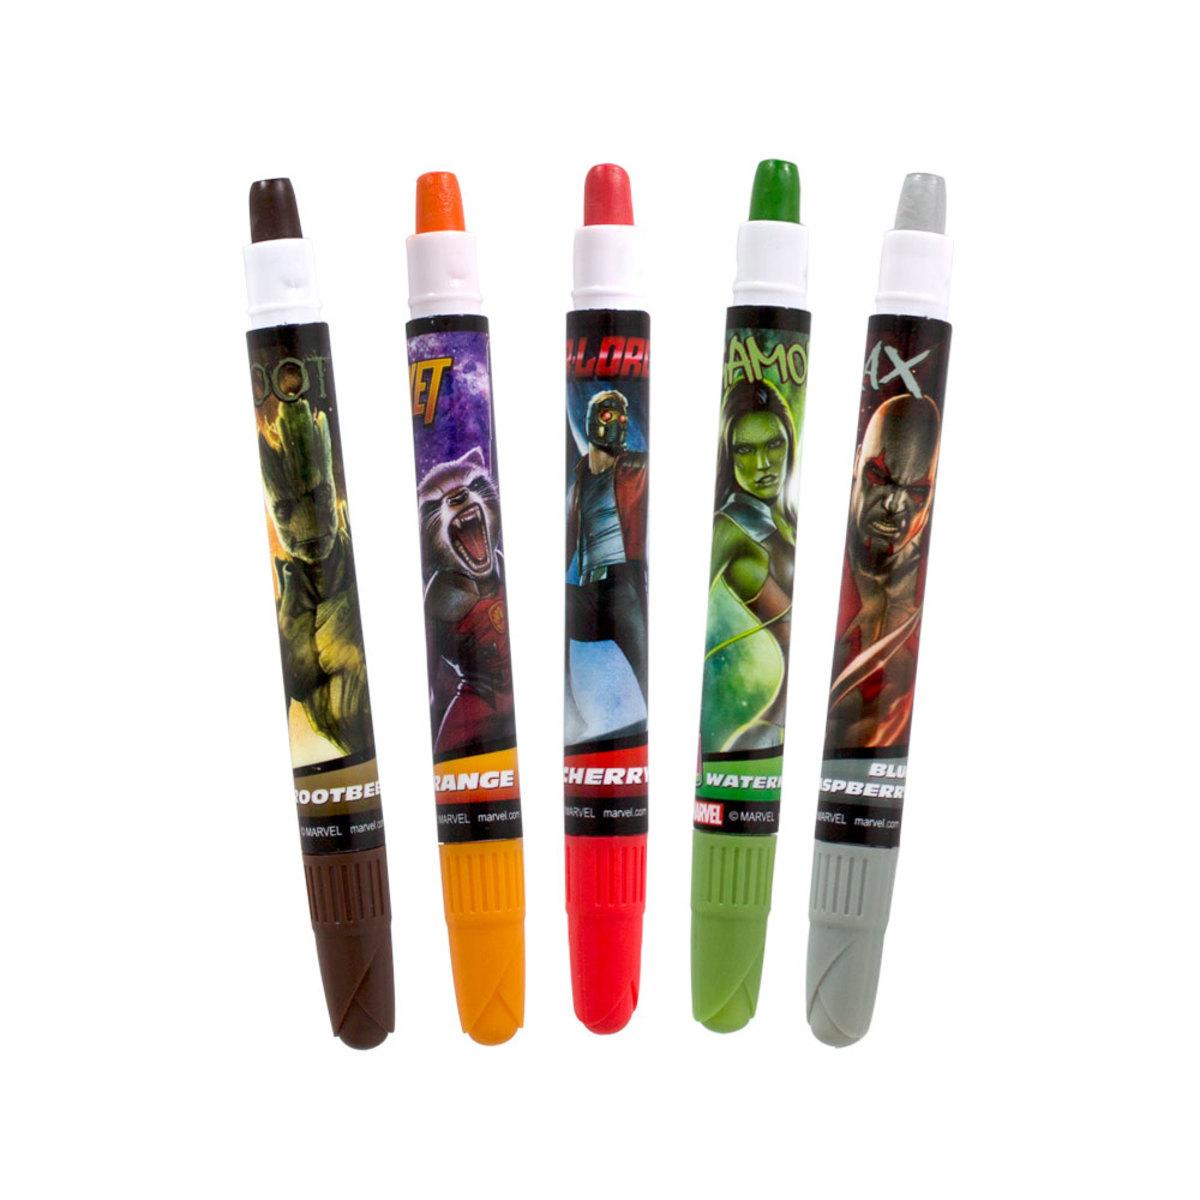 漫威的銀河啫利蠟筆守護者5件裝